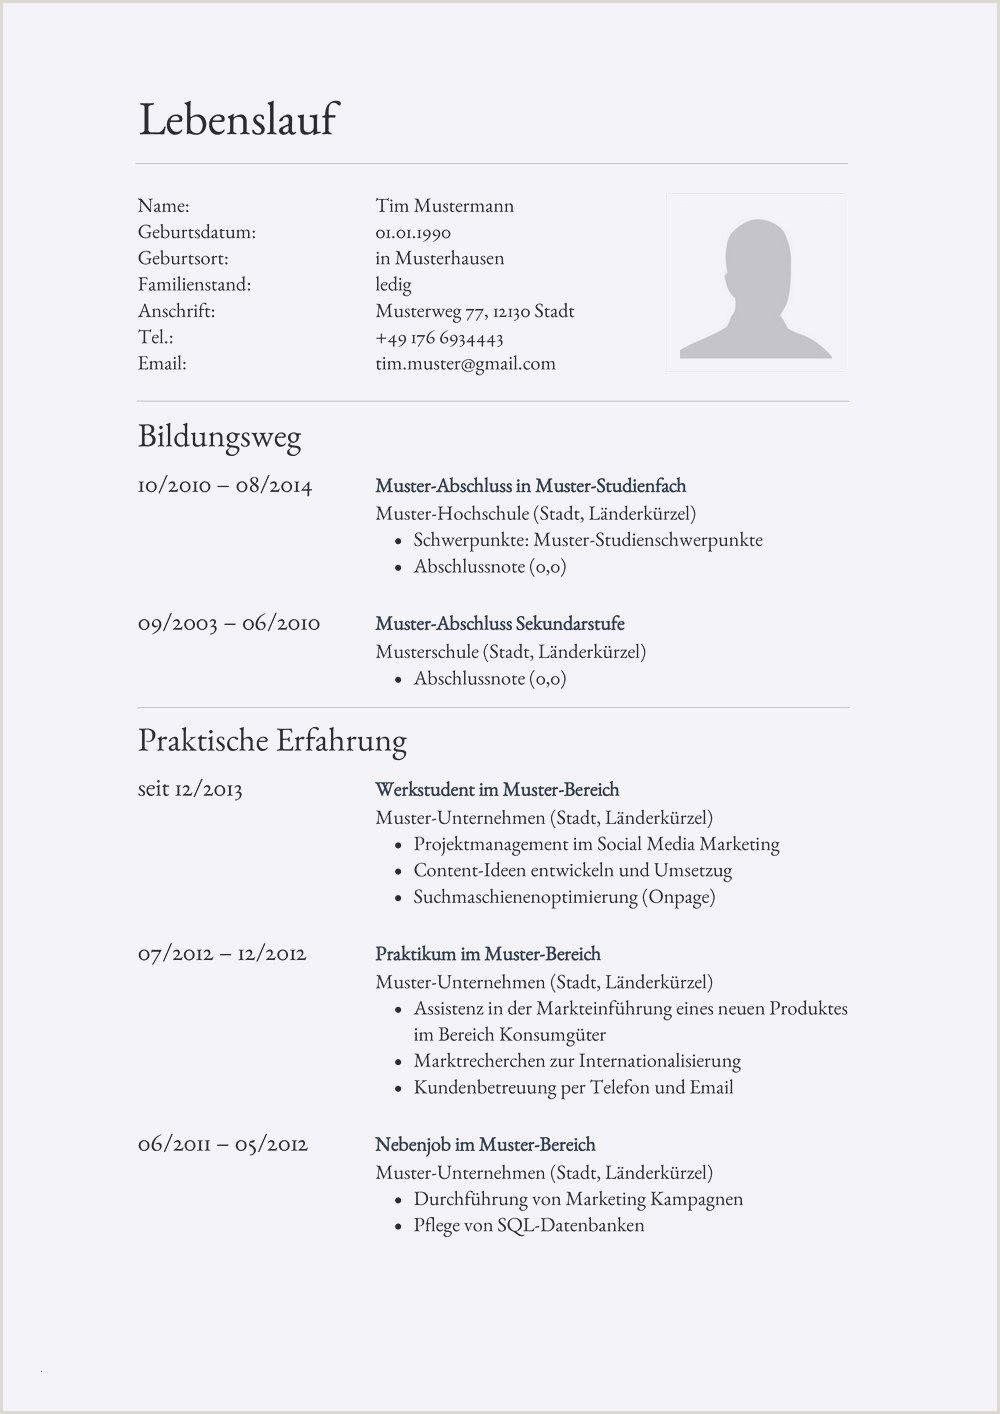 Lebenslauf Muster Voraussichtlicher Abschluss 18 Lebenslauf Muster Deutschland